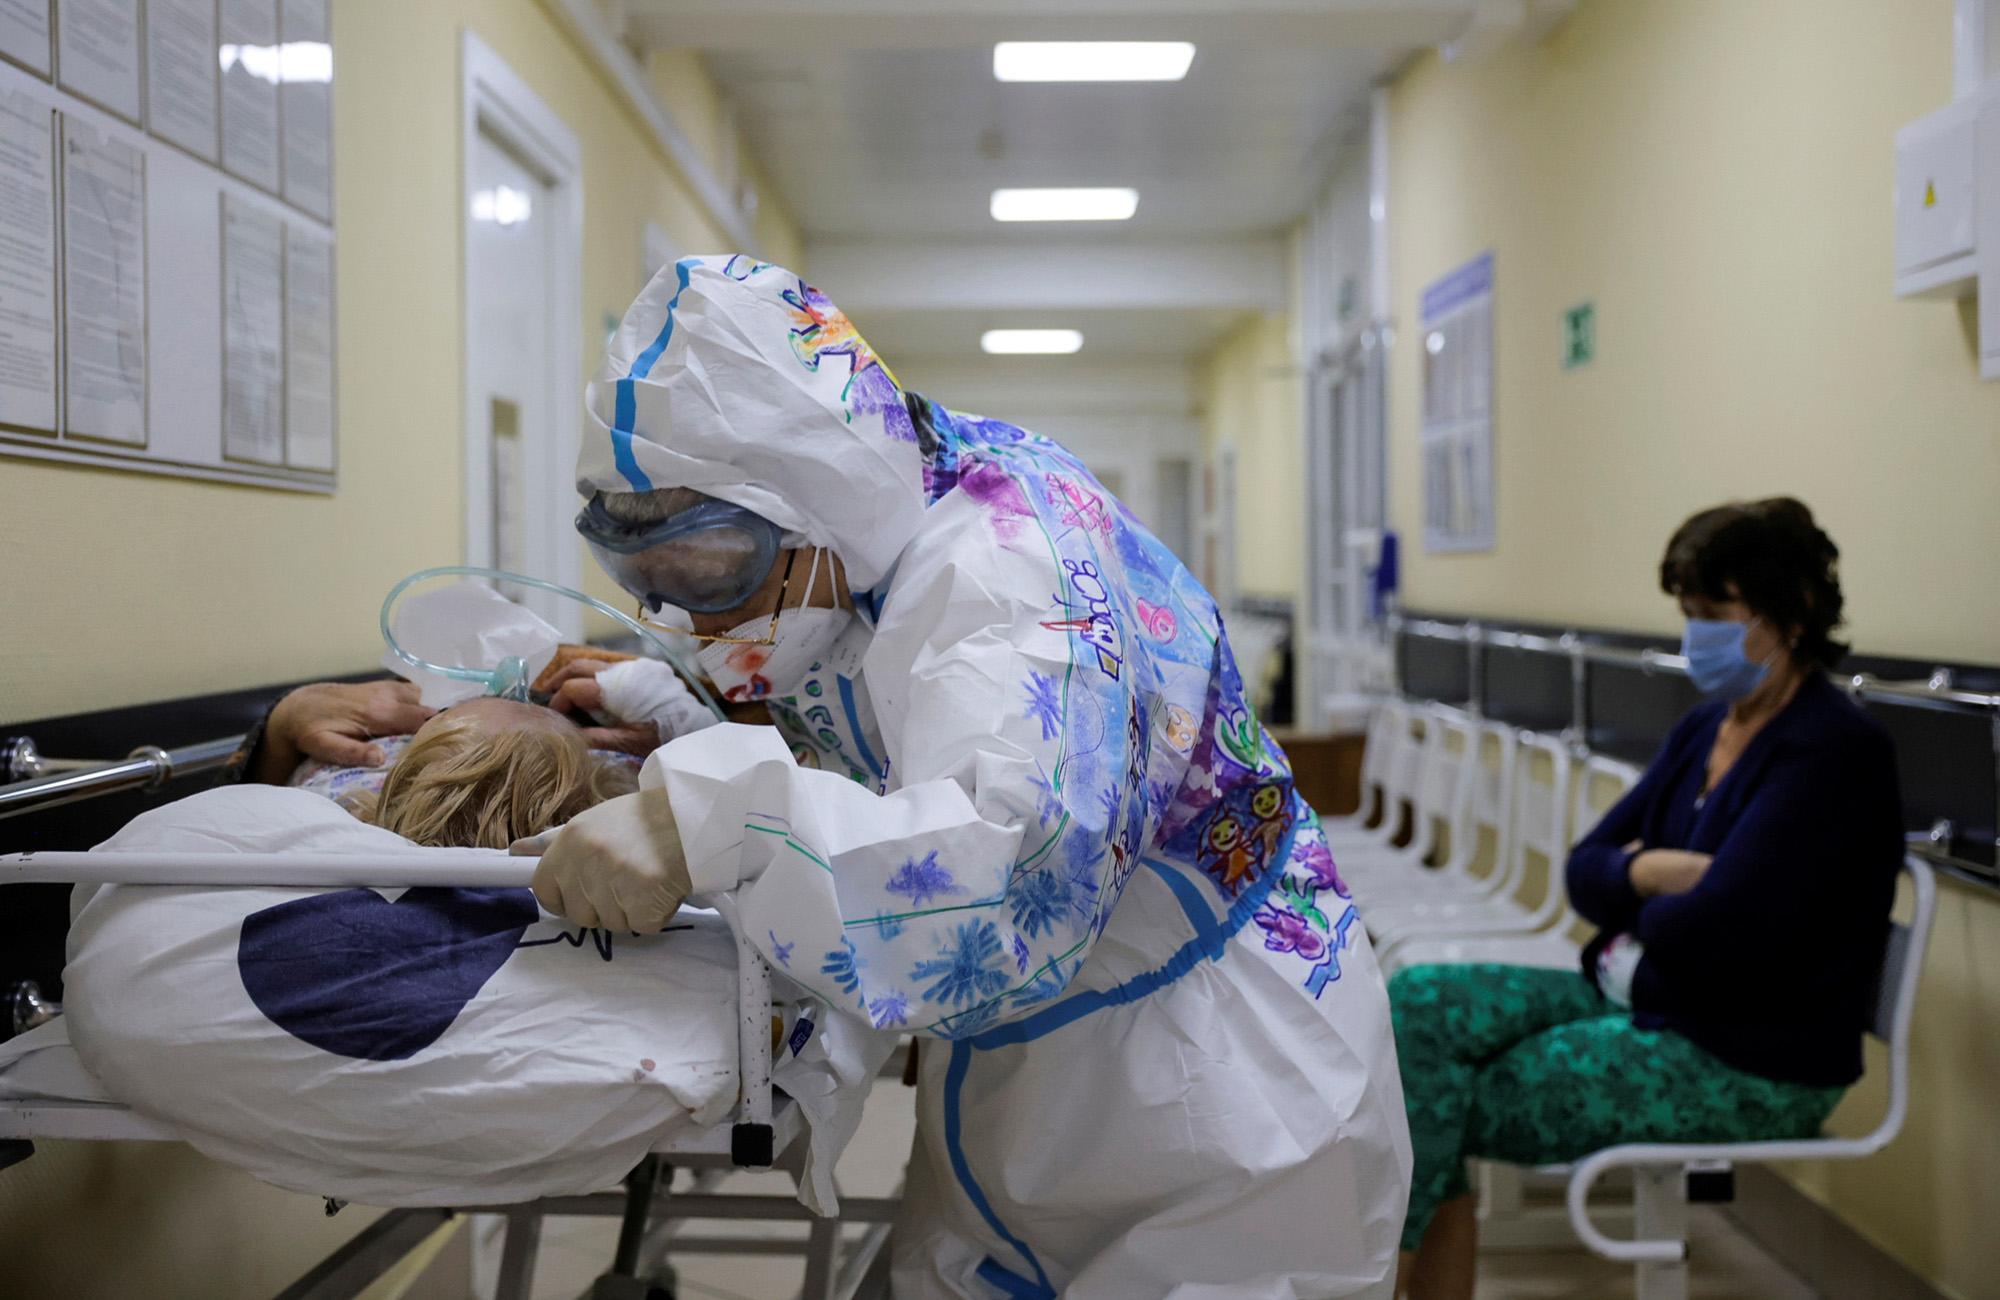 Ρωσία: 8.803 κρούσματα κορονοϊού και 356 νεκροί το τελευταίο 24ωρο